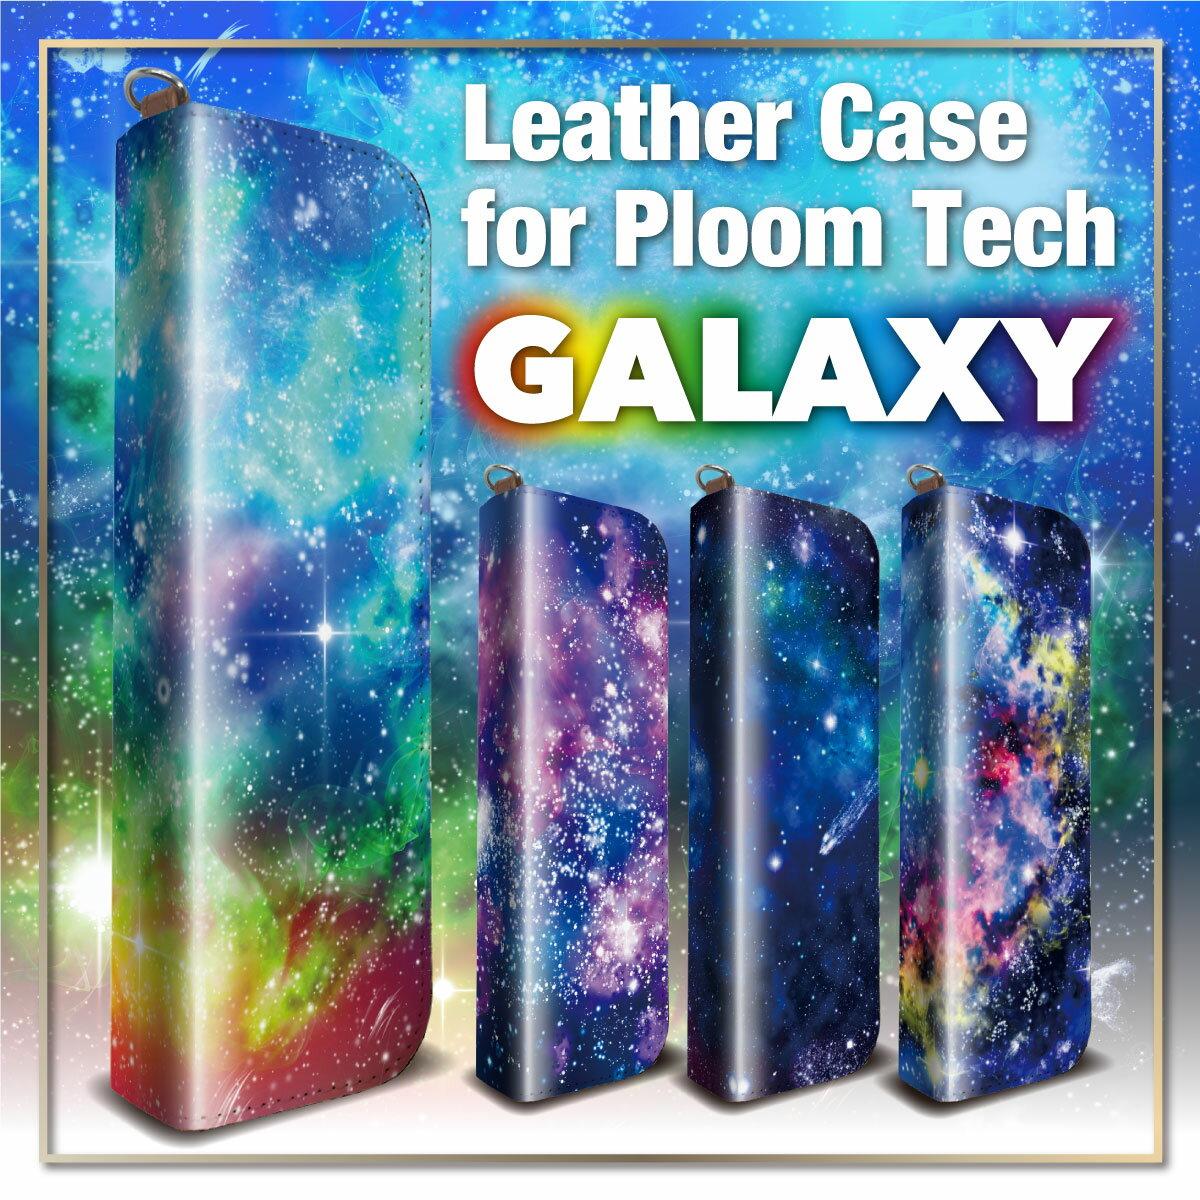 プルームテック ケース プルームテックケース プルームテック ストラップ シール カバー レザーケース コンパクト 本体 Ploom Tech ケース ploomtech ケース ploomtechシール 電子タバコ GALAXY pt06-005 送料無料 発送はメール便